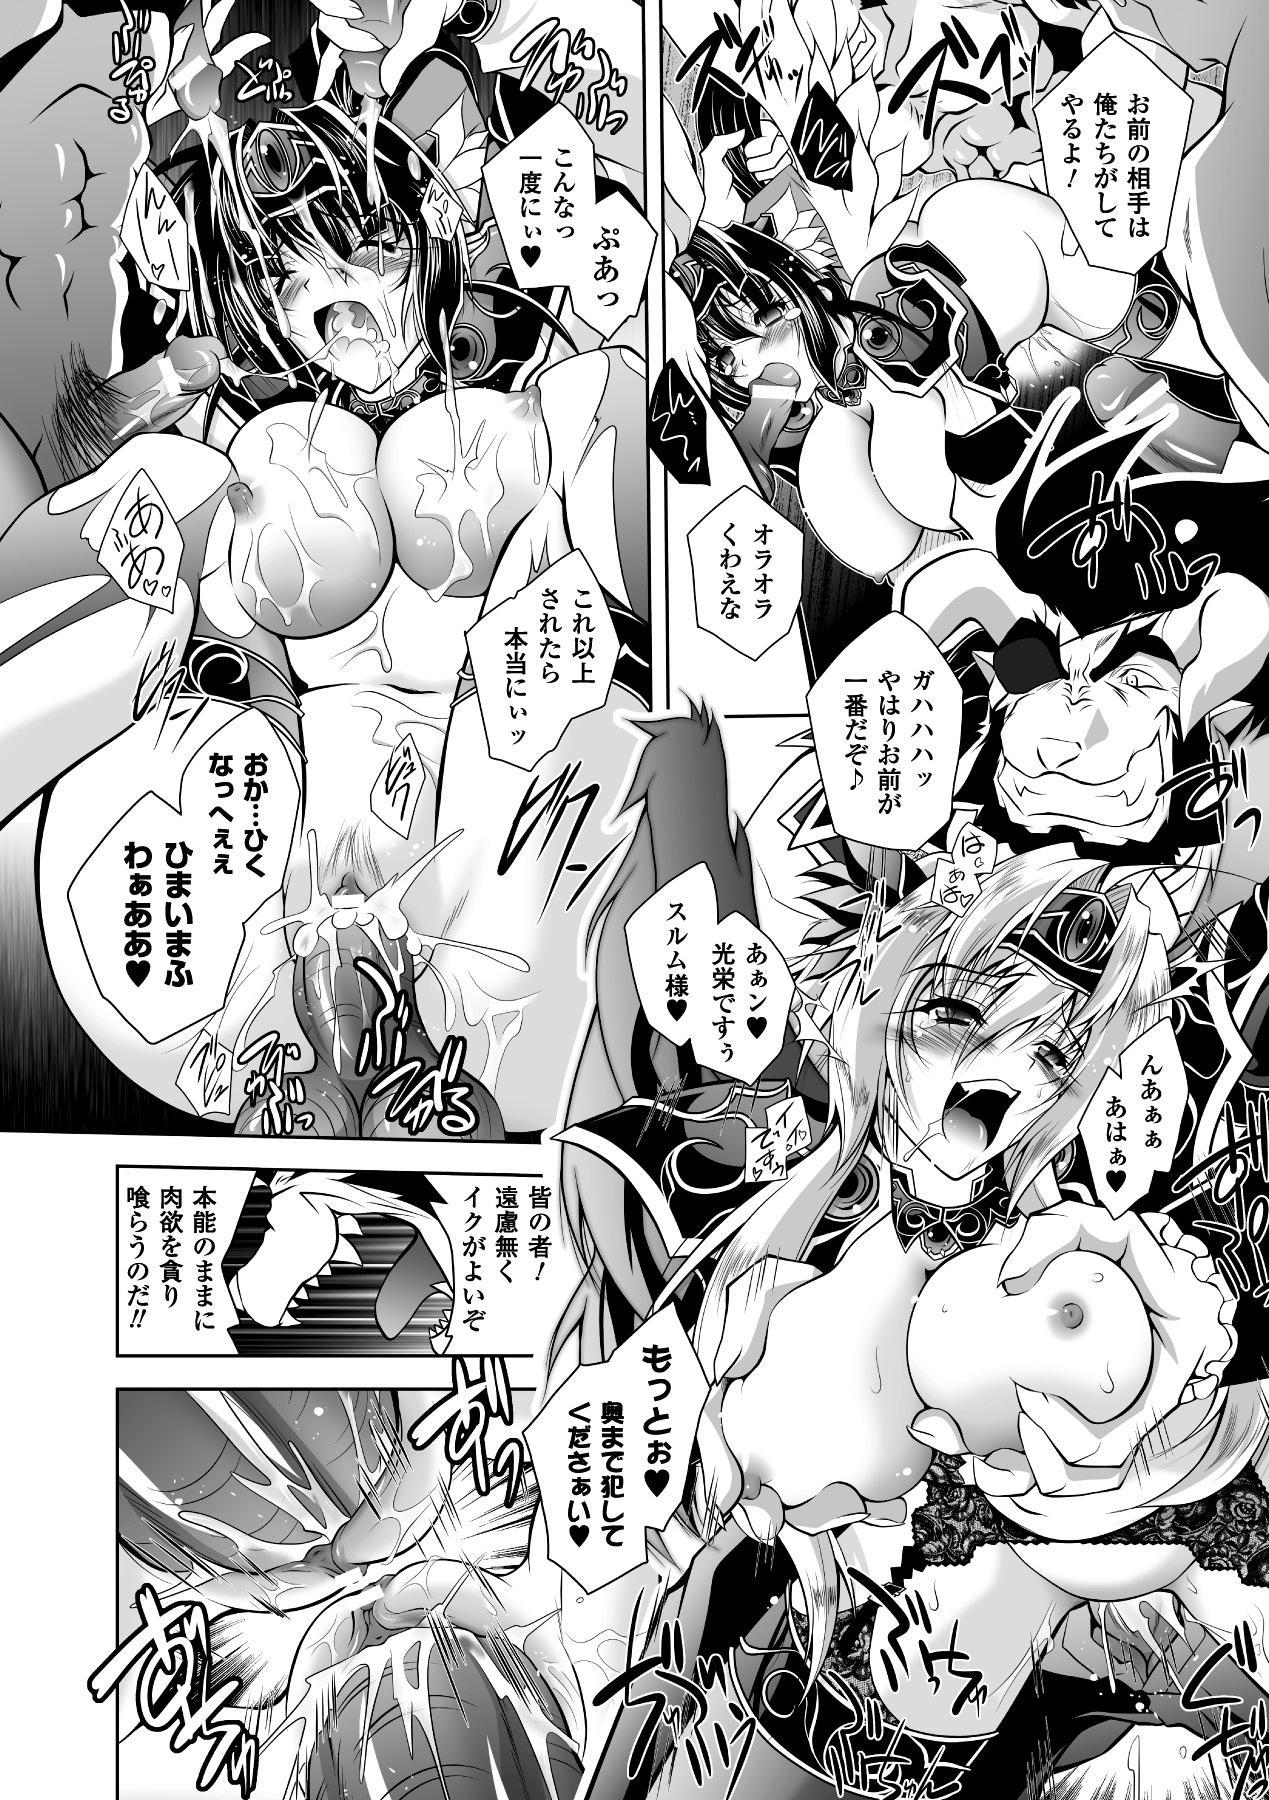 [Parfait] Mesu Inu no Tooboe ~Injyoku Elegy~ - The Howling Of A Bitch [Digital] 41